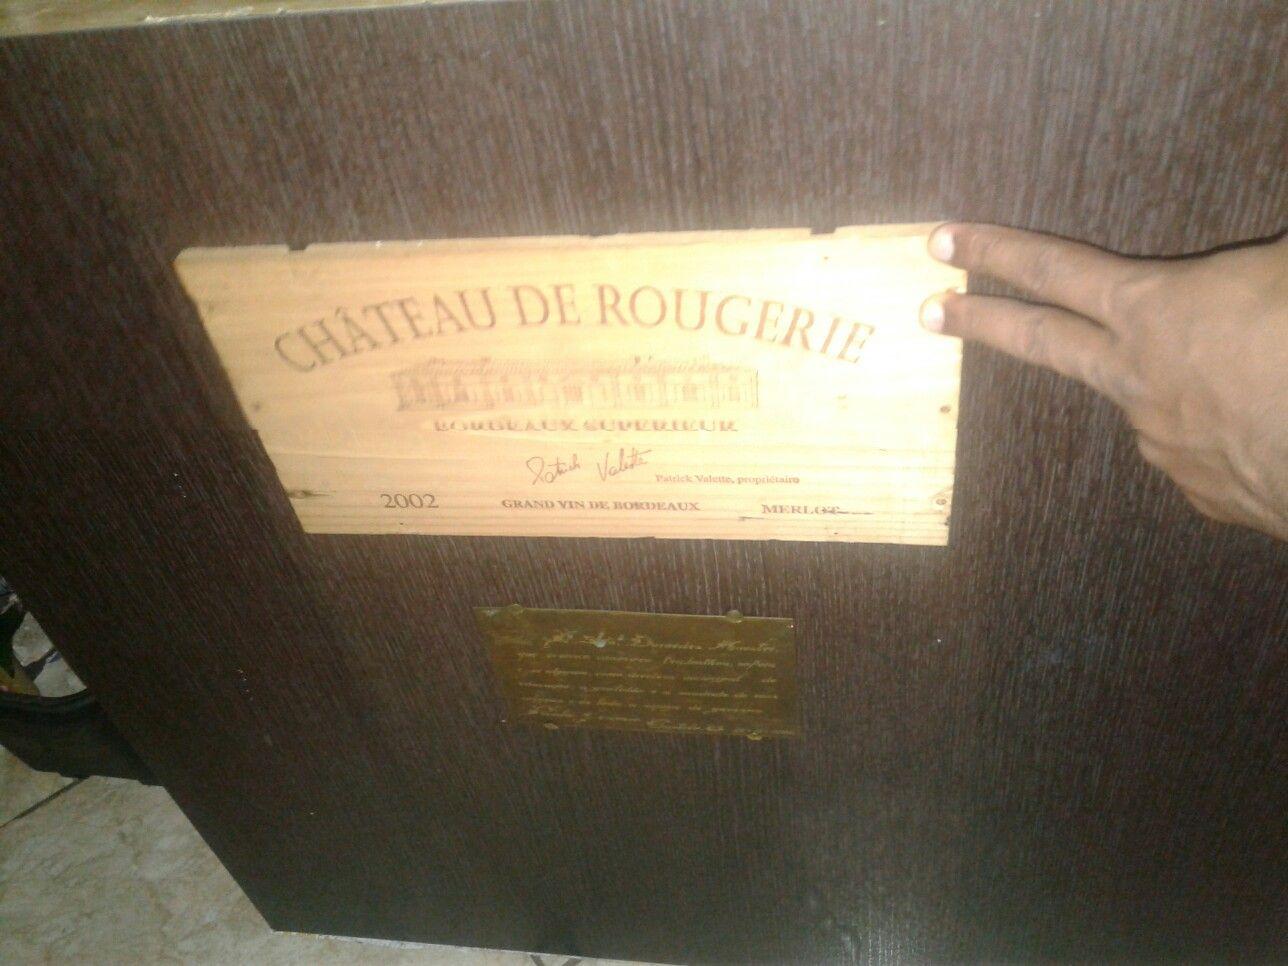 Frente de um caixote de vinho e mais abaixo uma placa de homenagem de um quadro sem uso .usados como com mestria.